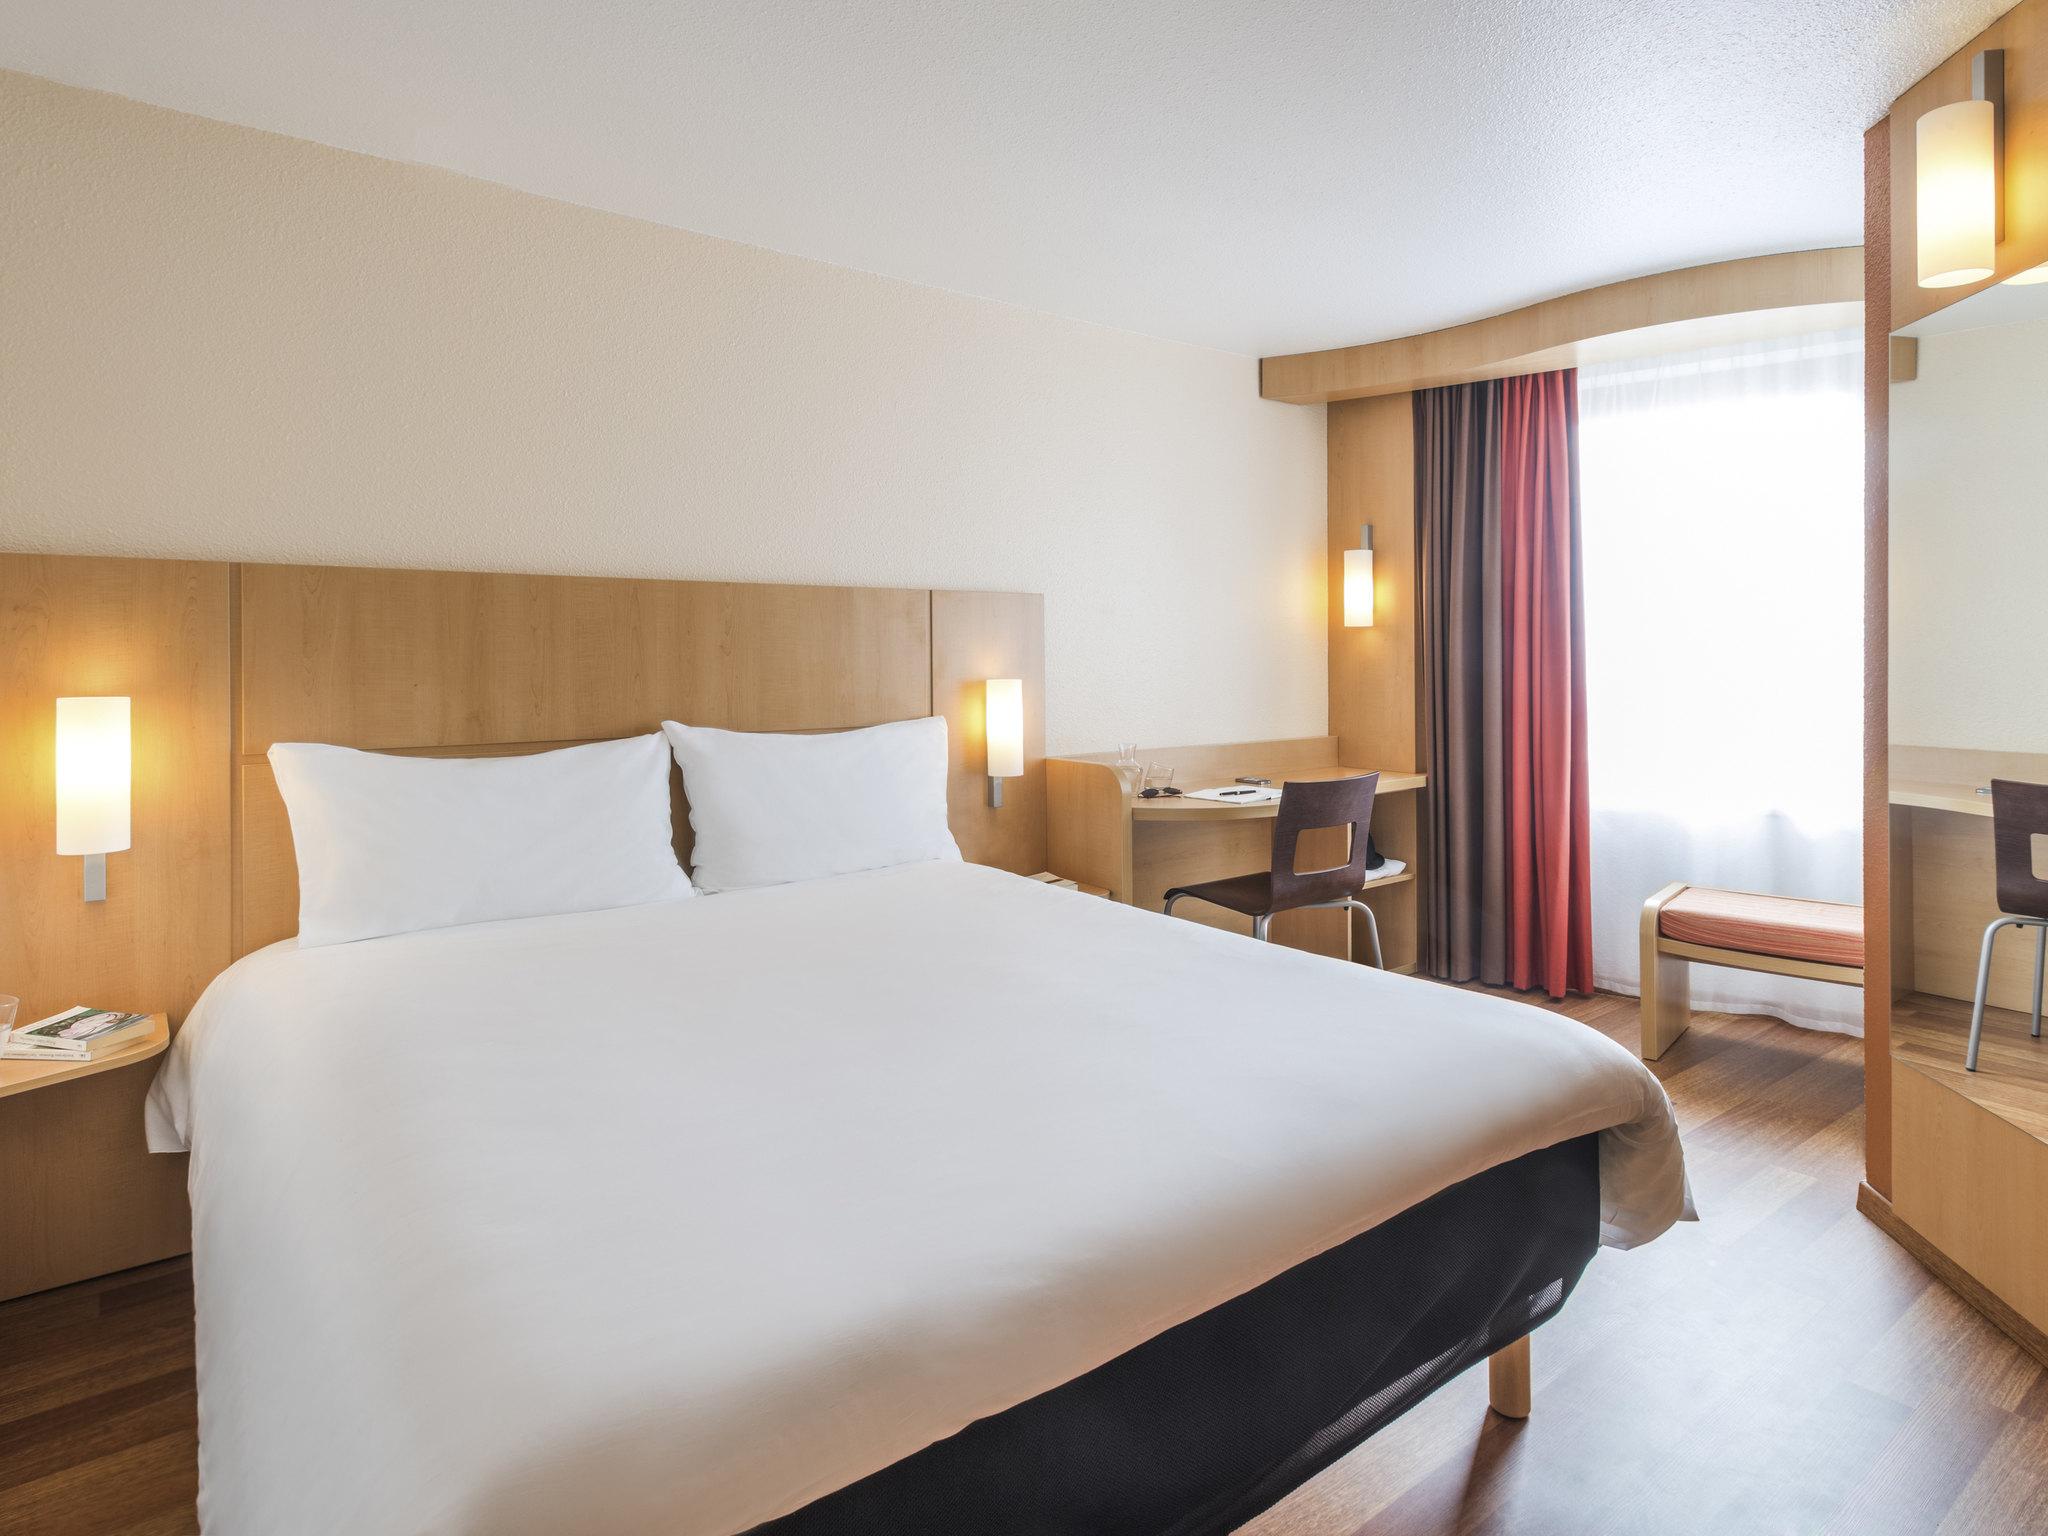 ホテル – イビスナントサントルトゥールブルターニュ